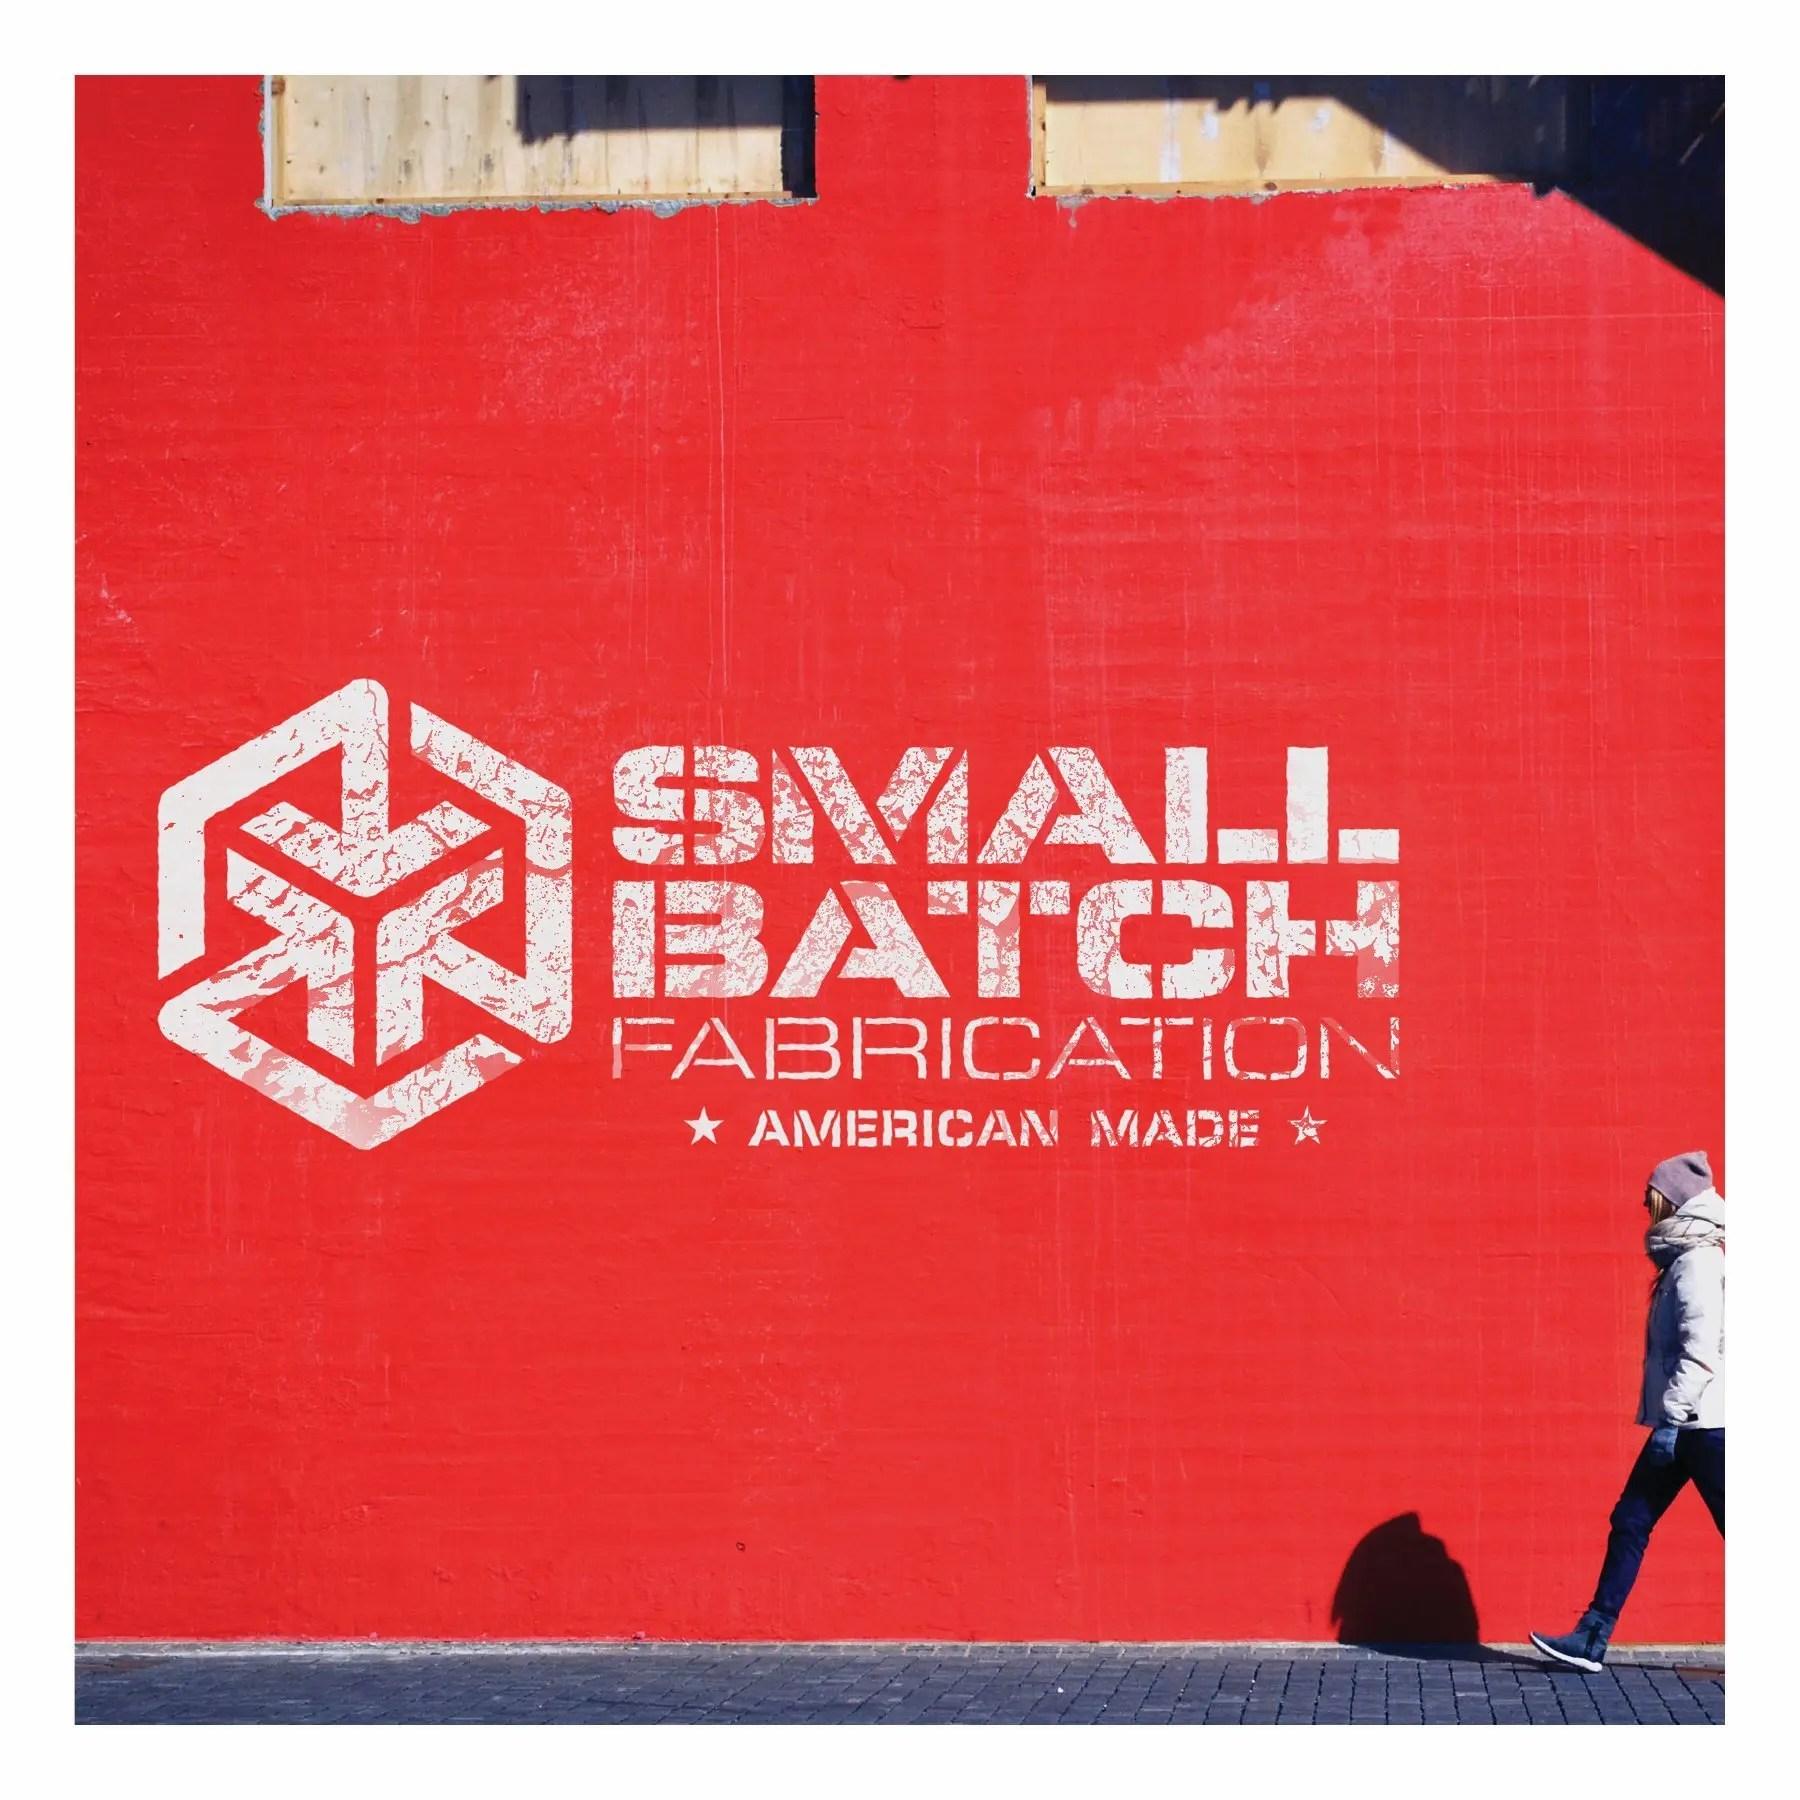 Small Batch Fabrication Wall Art Mockup